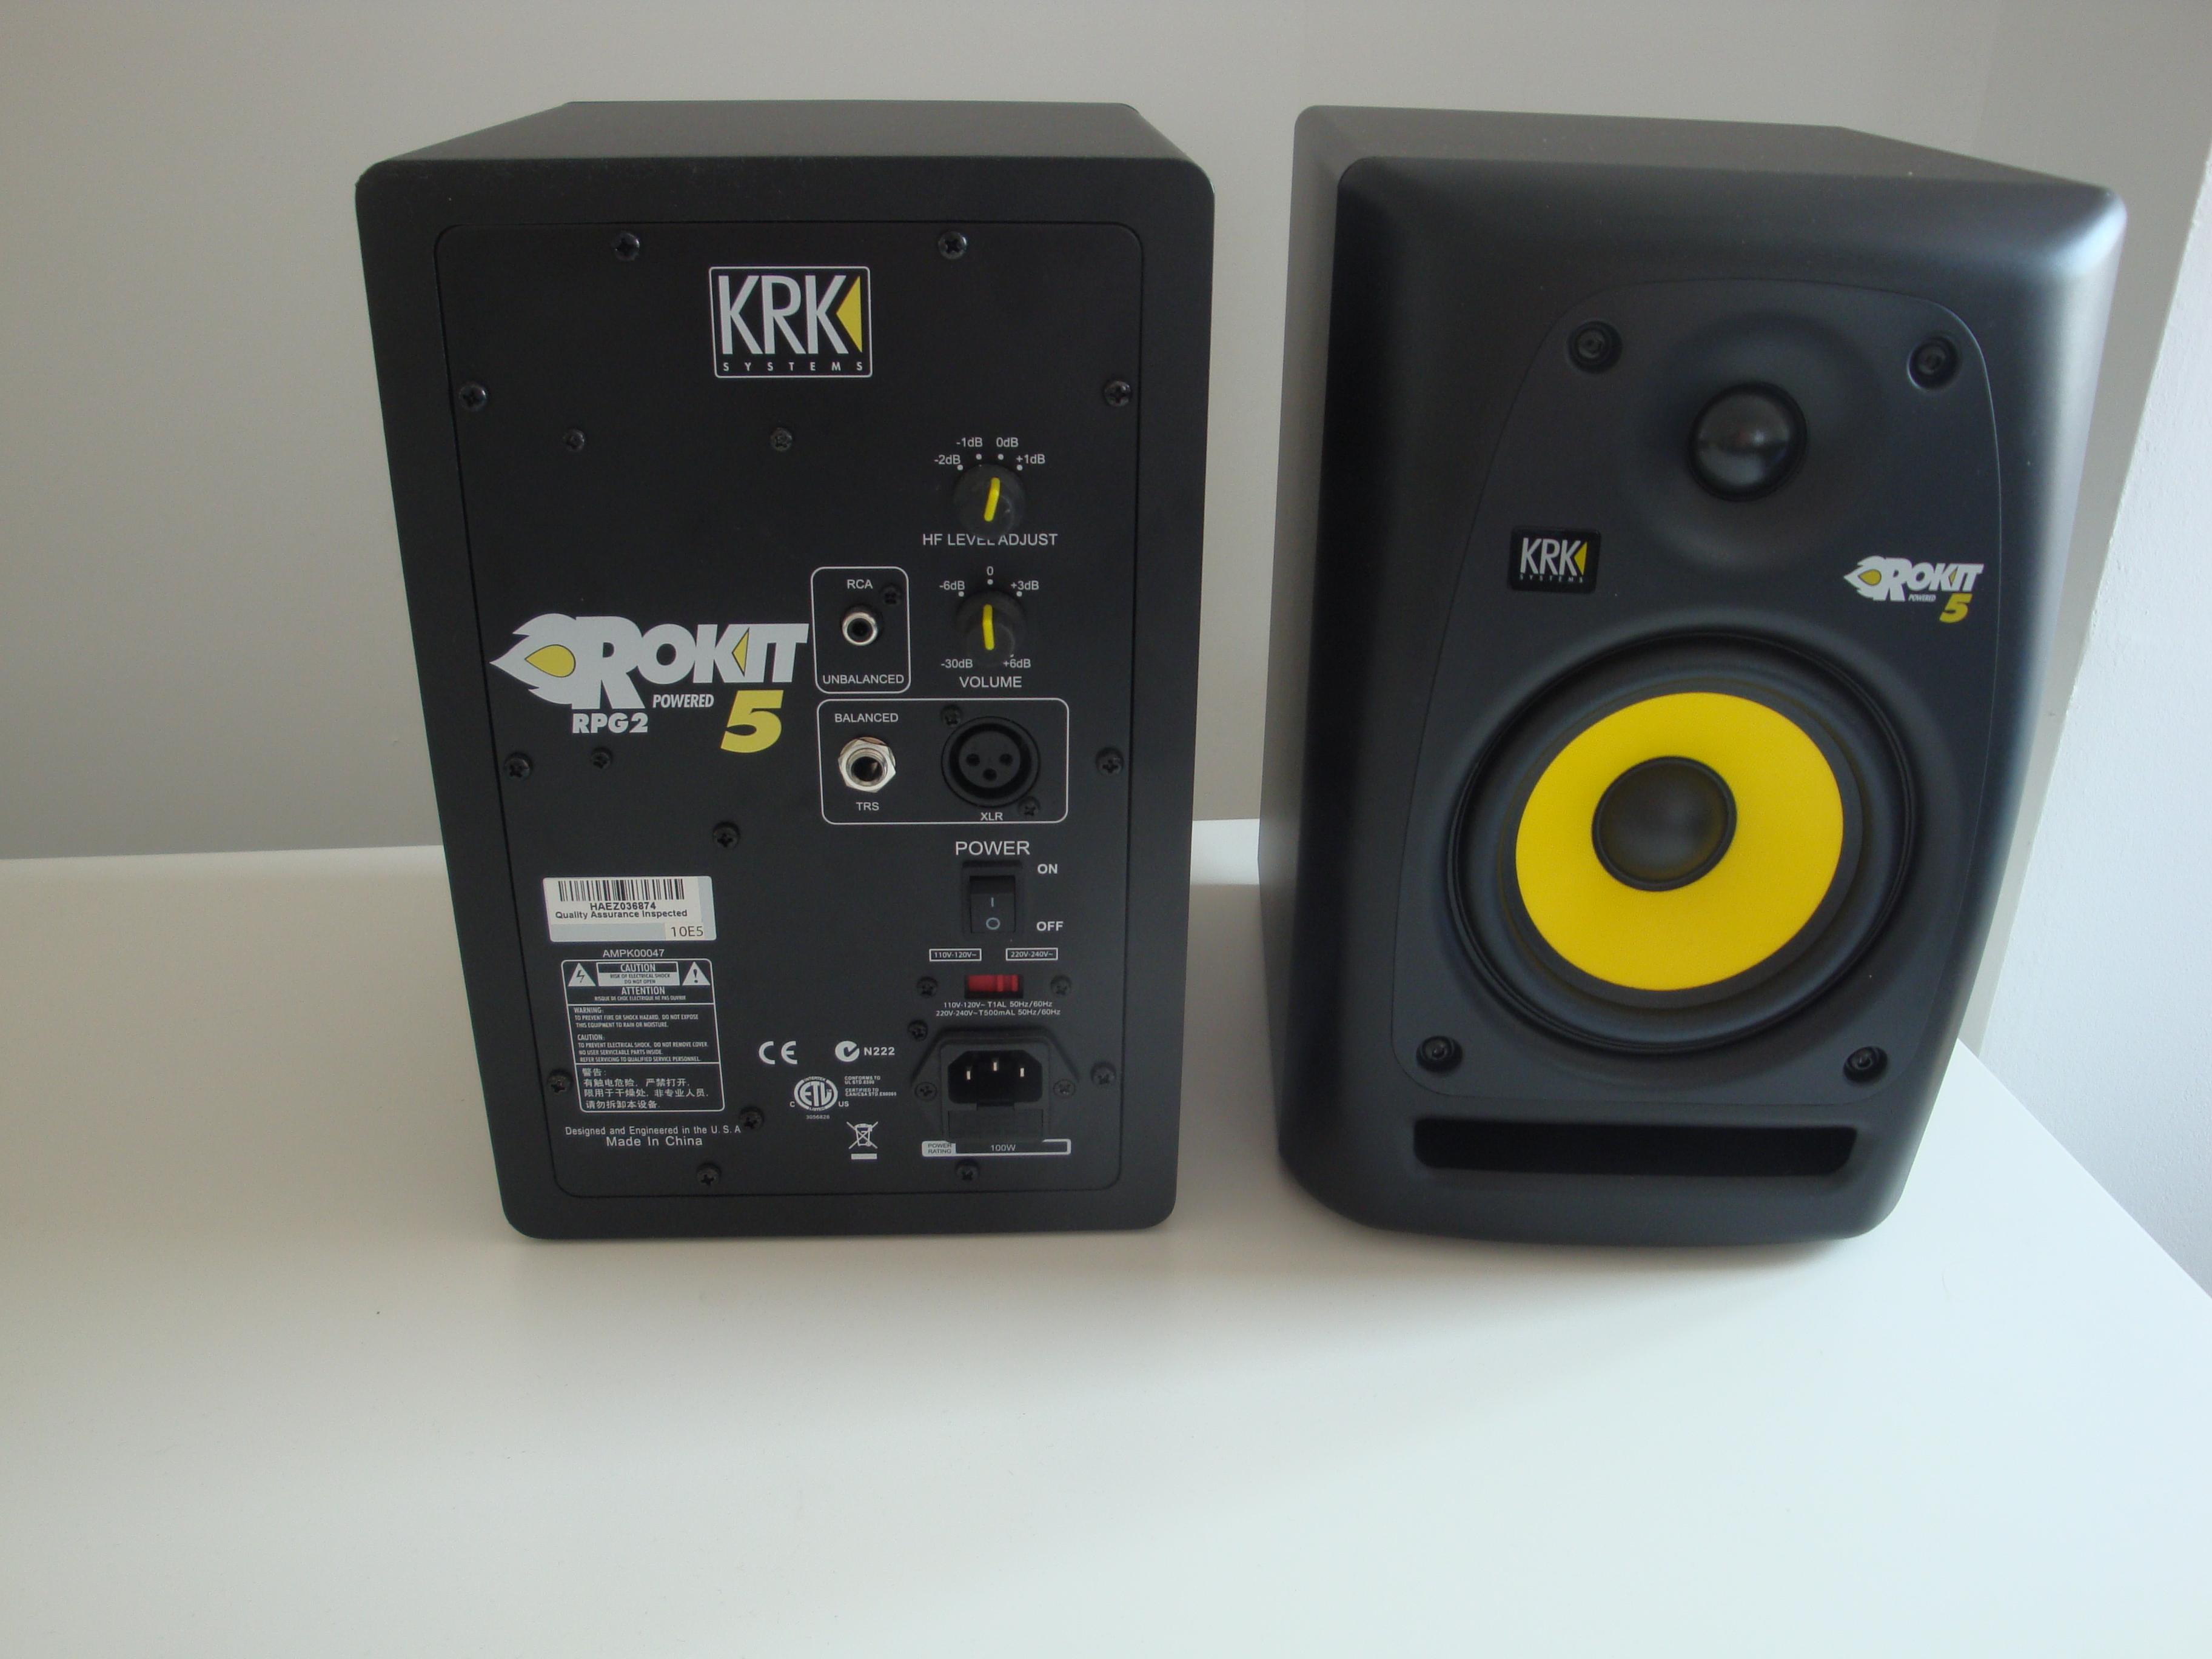 krk-rokit-5-g2-229367.jpg